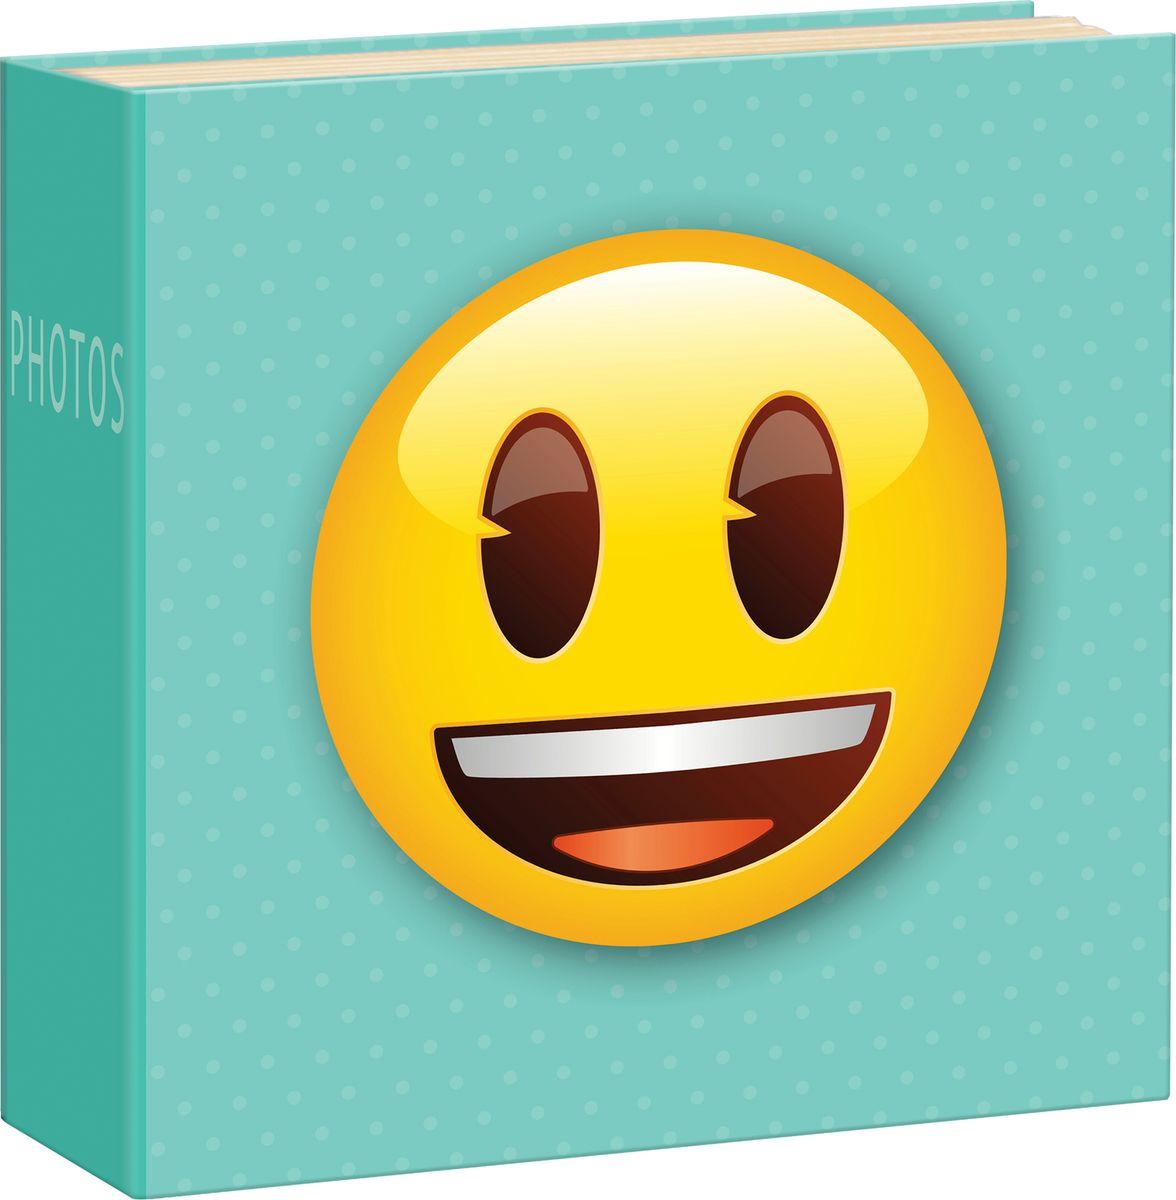 Фотоальбом Innova Emoji Slip Smiley, 200 фотографий, 10 x 15 смQ4107994Дизайн фотоальбома посвящен любимым смайликам Emoji. Фотоальбом рассчитан на 200 фотографий форматом 10х15.